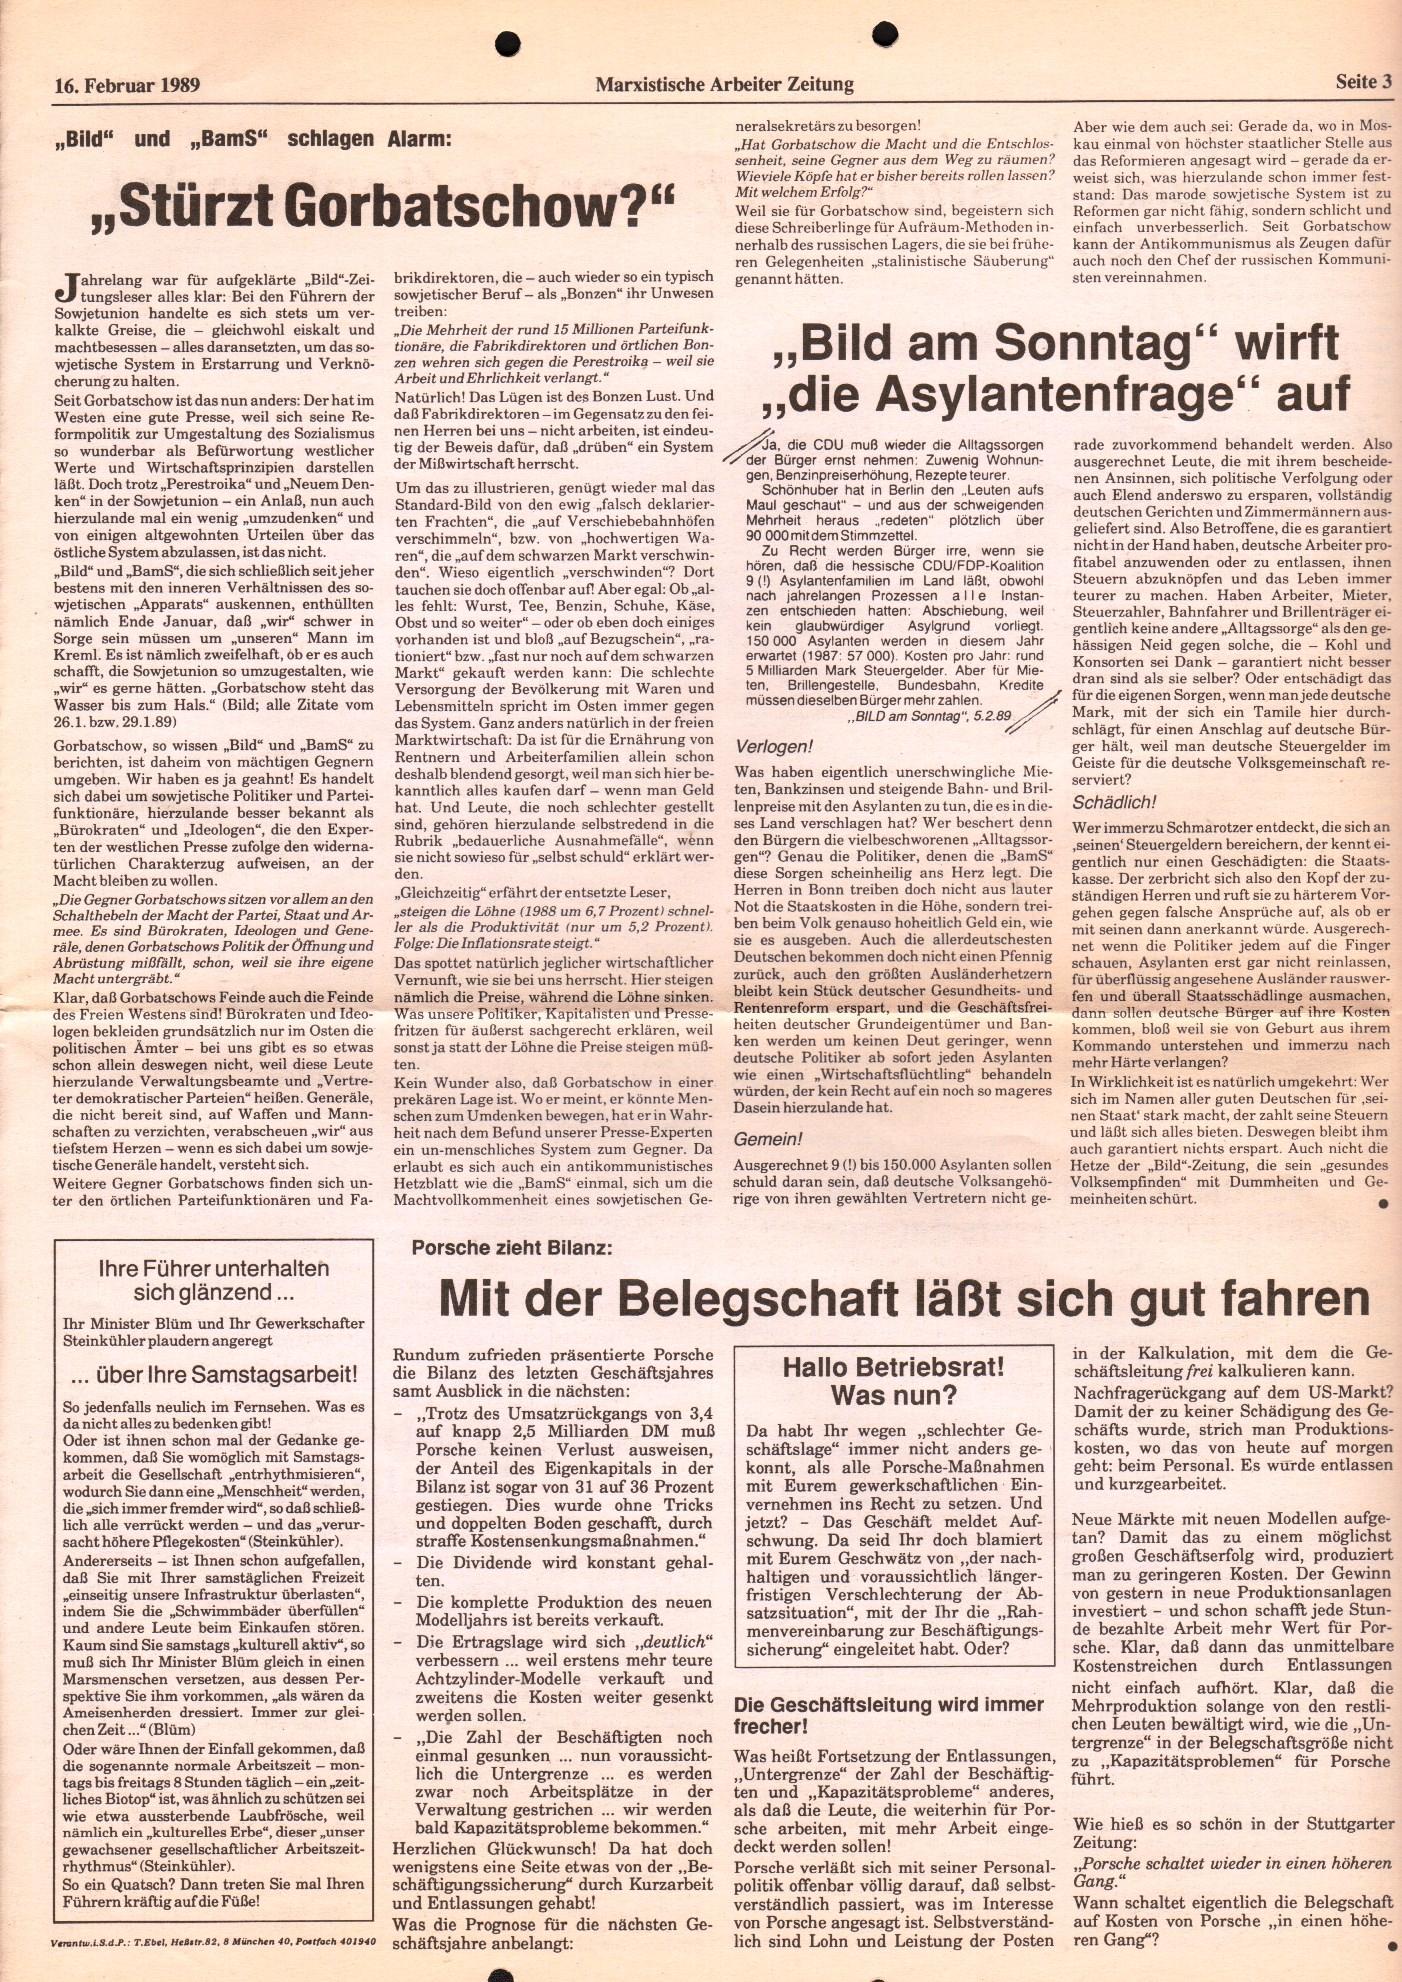 BW_MG_Marxistische_Arbeiterzeitung_19890216_03